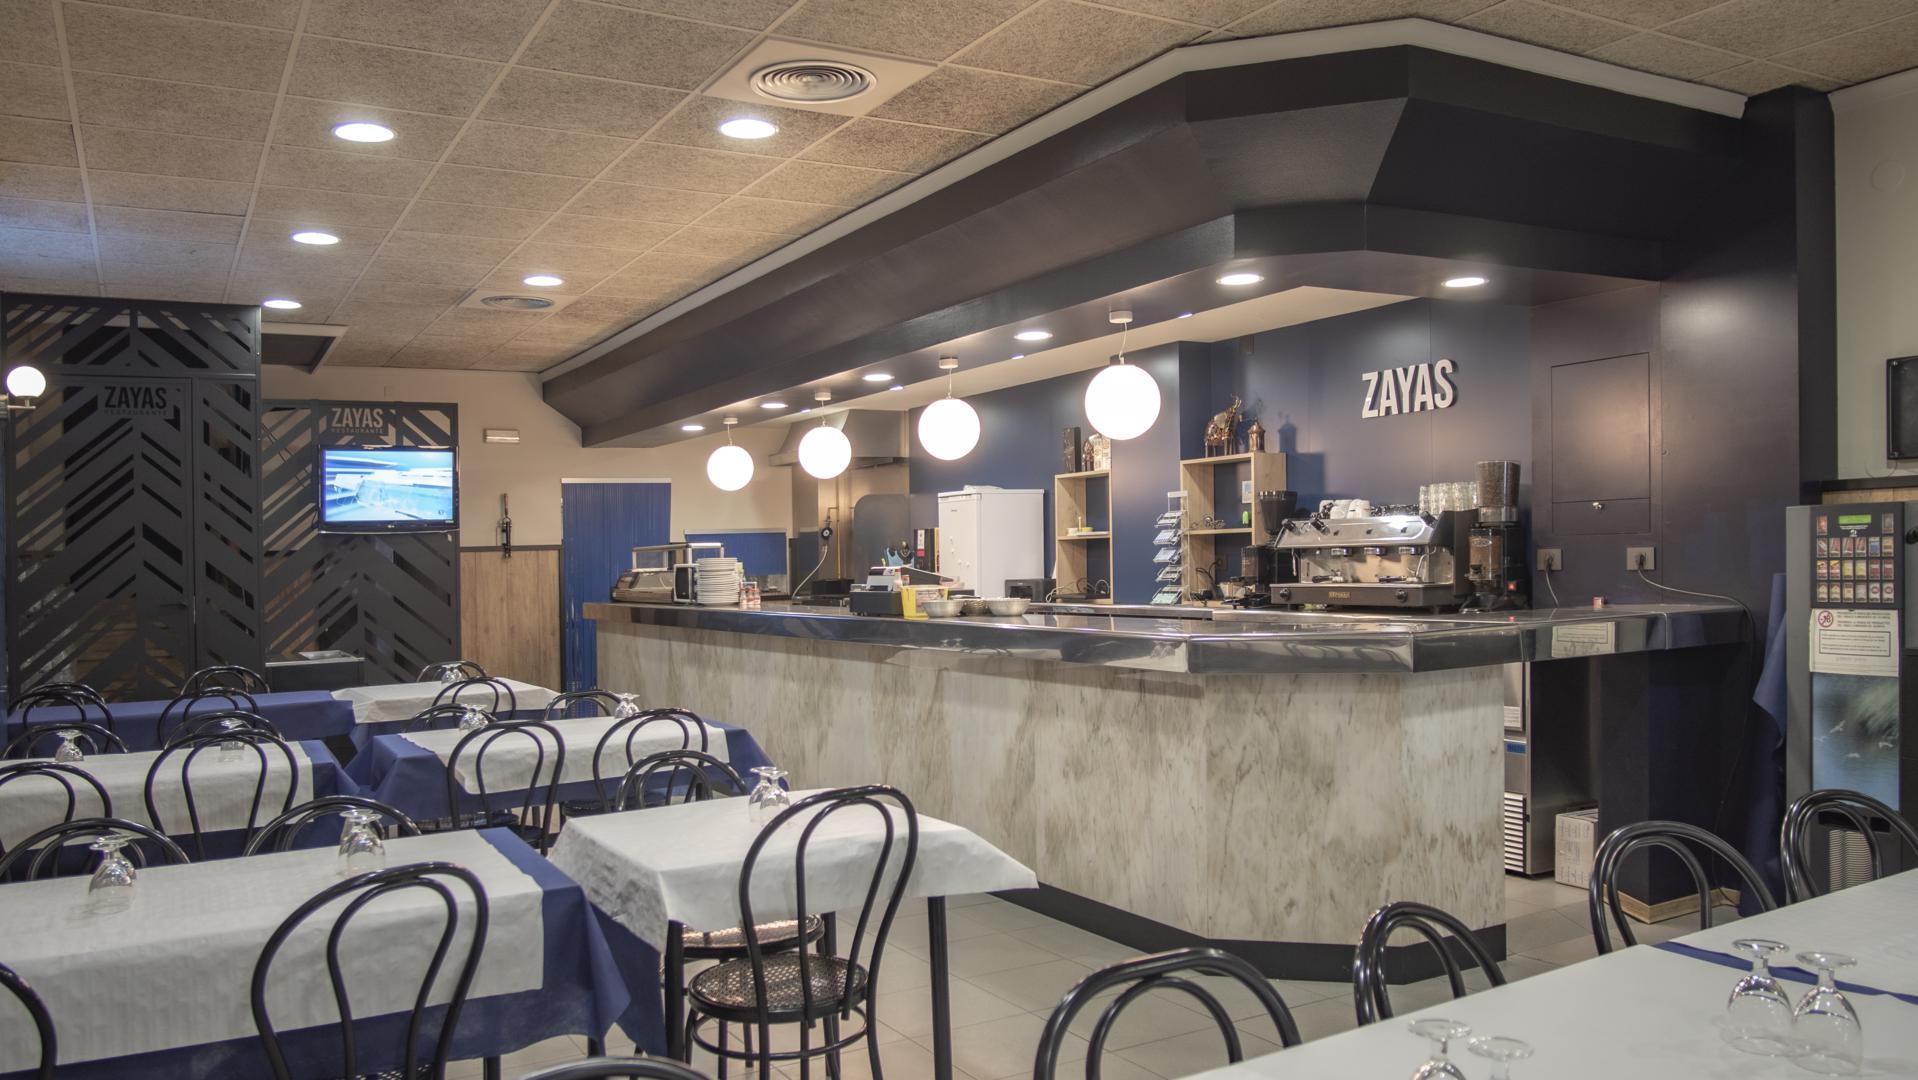 P1040636 1918x1080 - Reforma Restaurante ZAYAS - La Vilavella